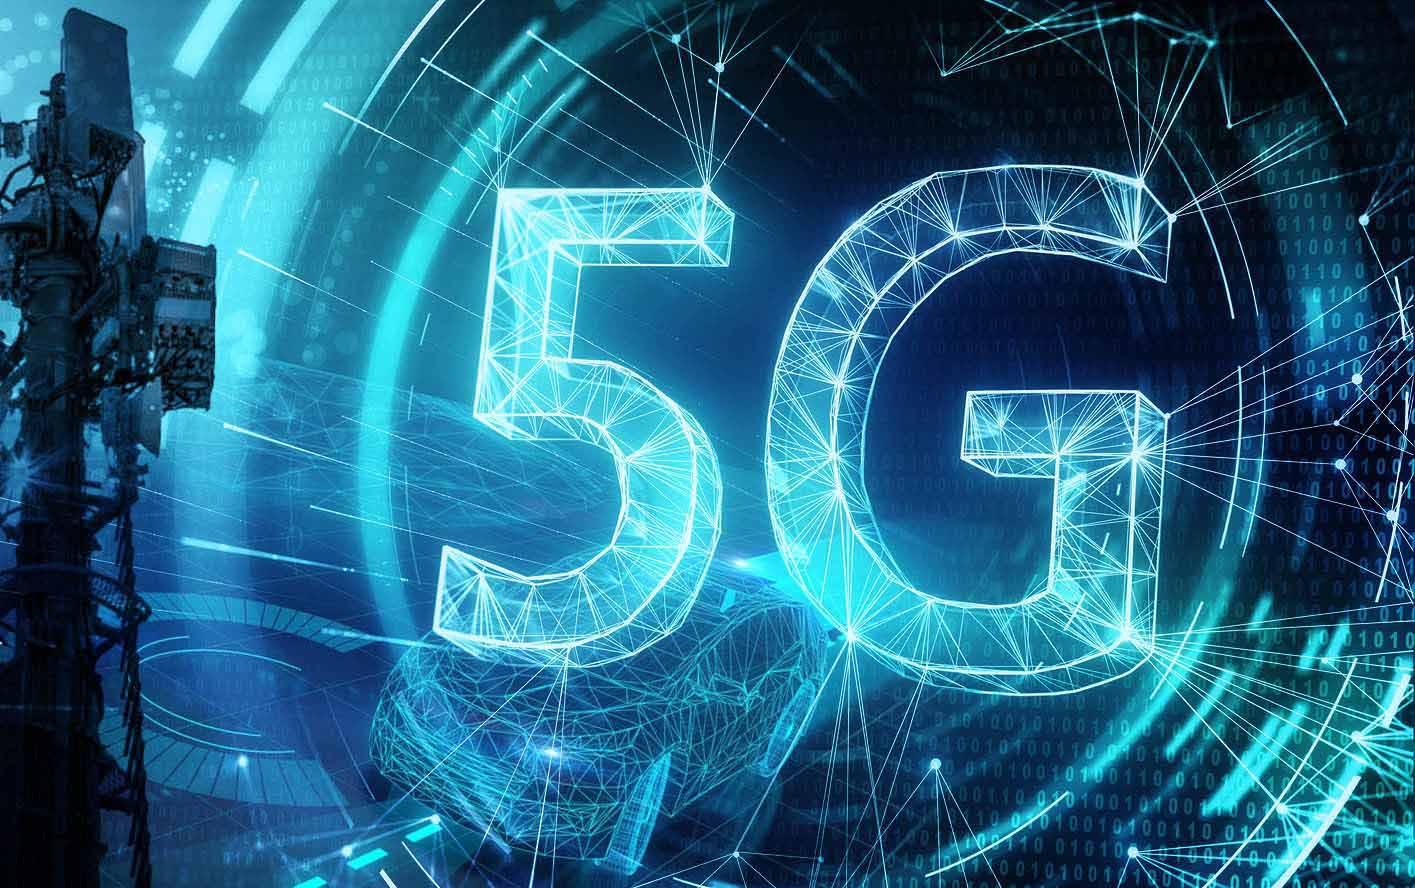 La 6G tendrá capacidades muy superiores al 5G.